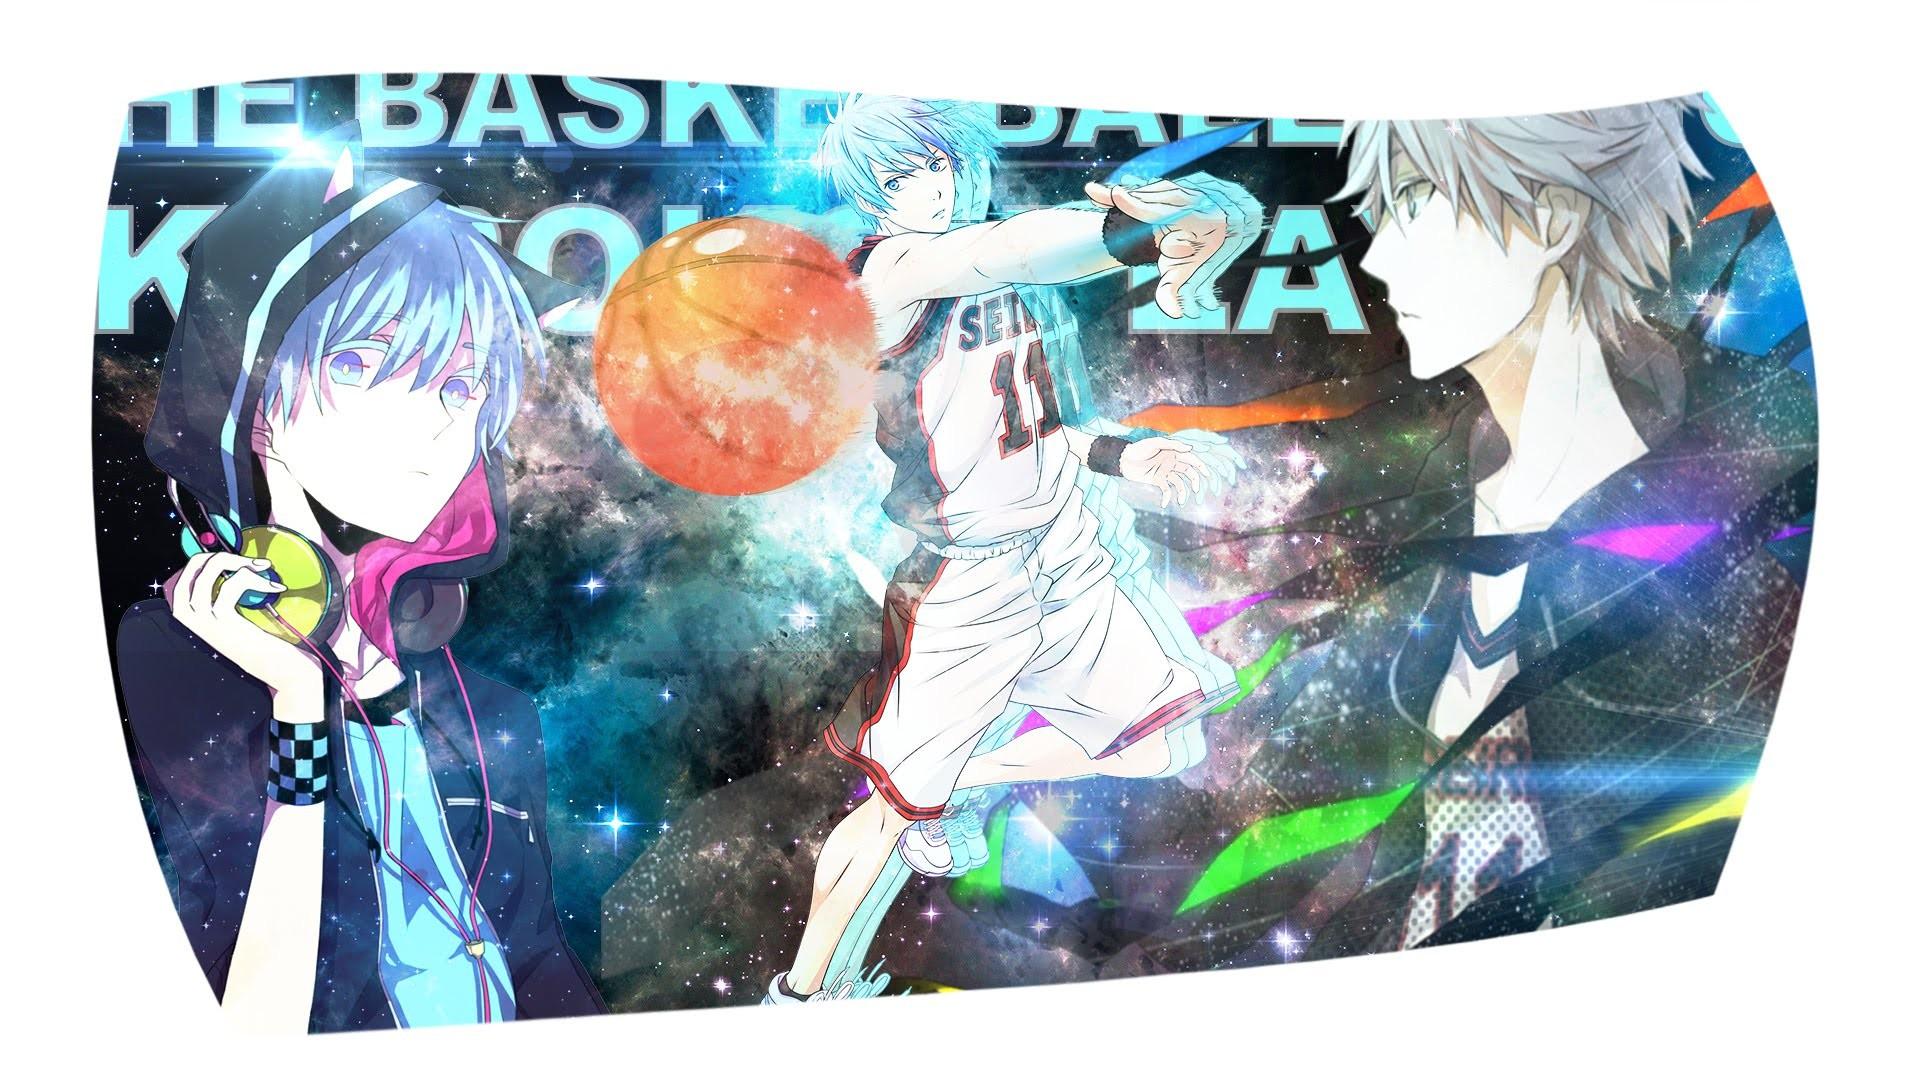 Res: 1920x1080, KUROKO NO BASKET: Kuroko Wallpaper Photoshop [1080p]